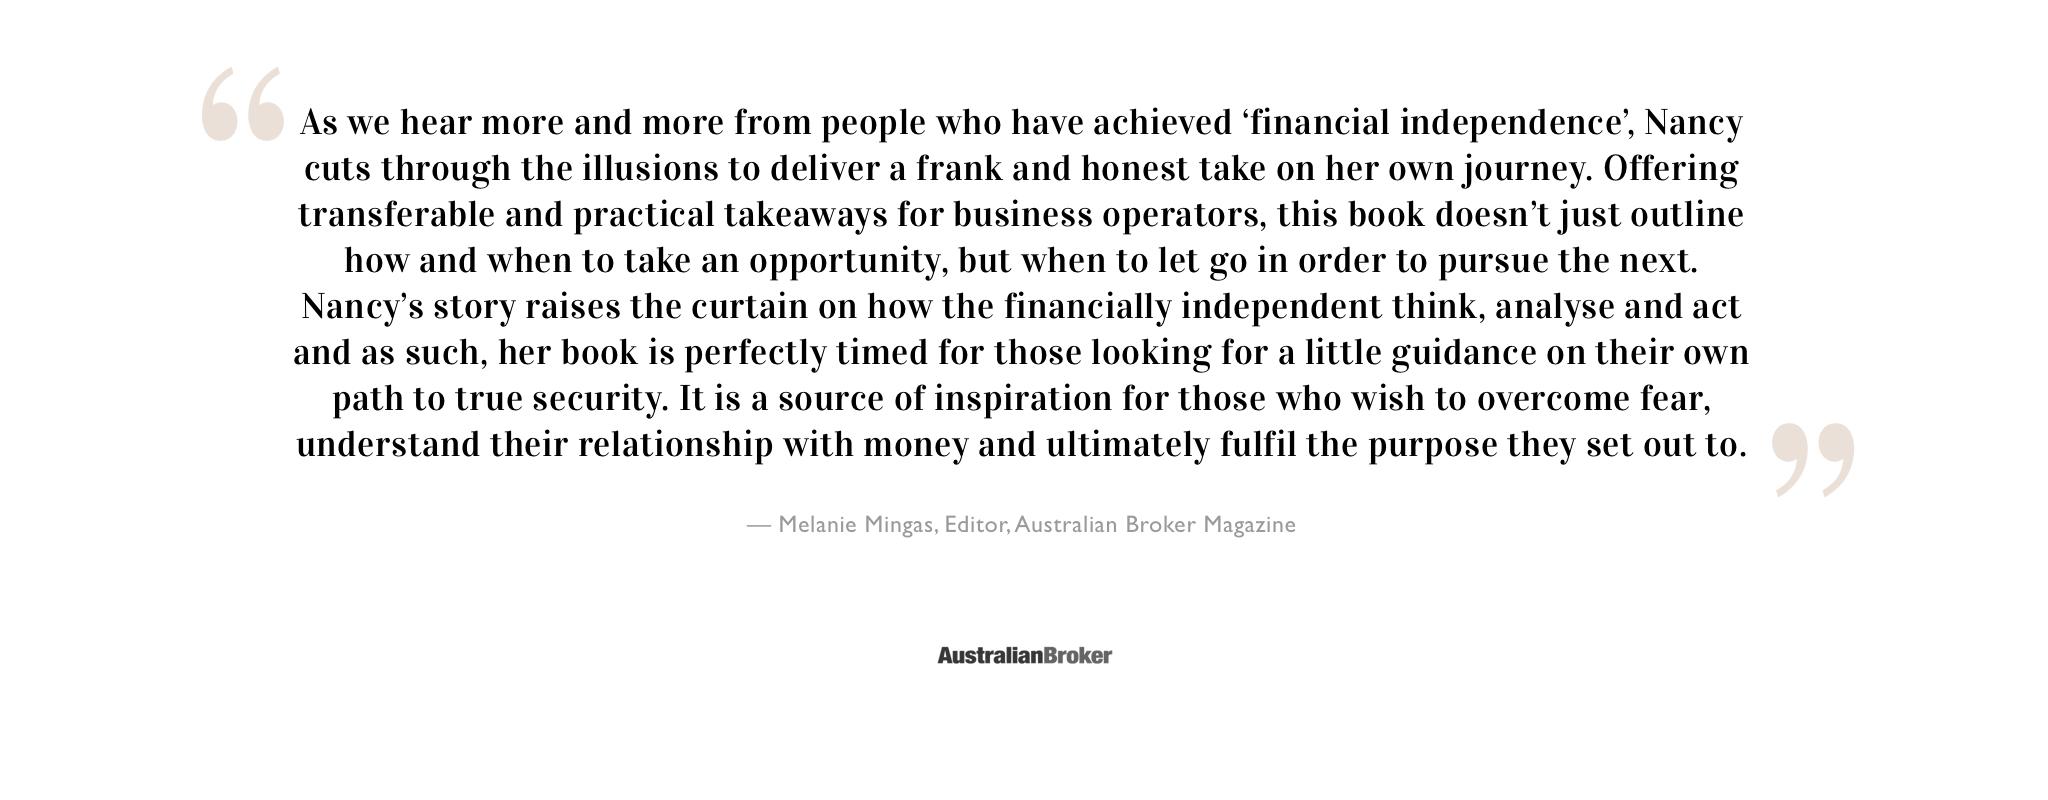 Testimonial-Australian-Broker.jpg